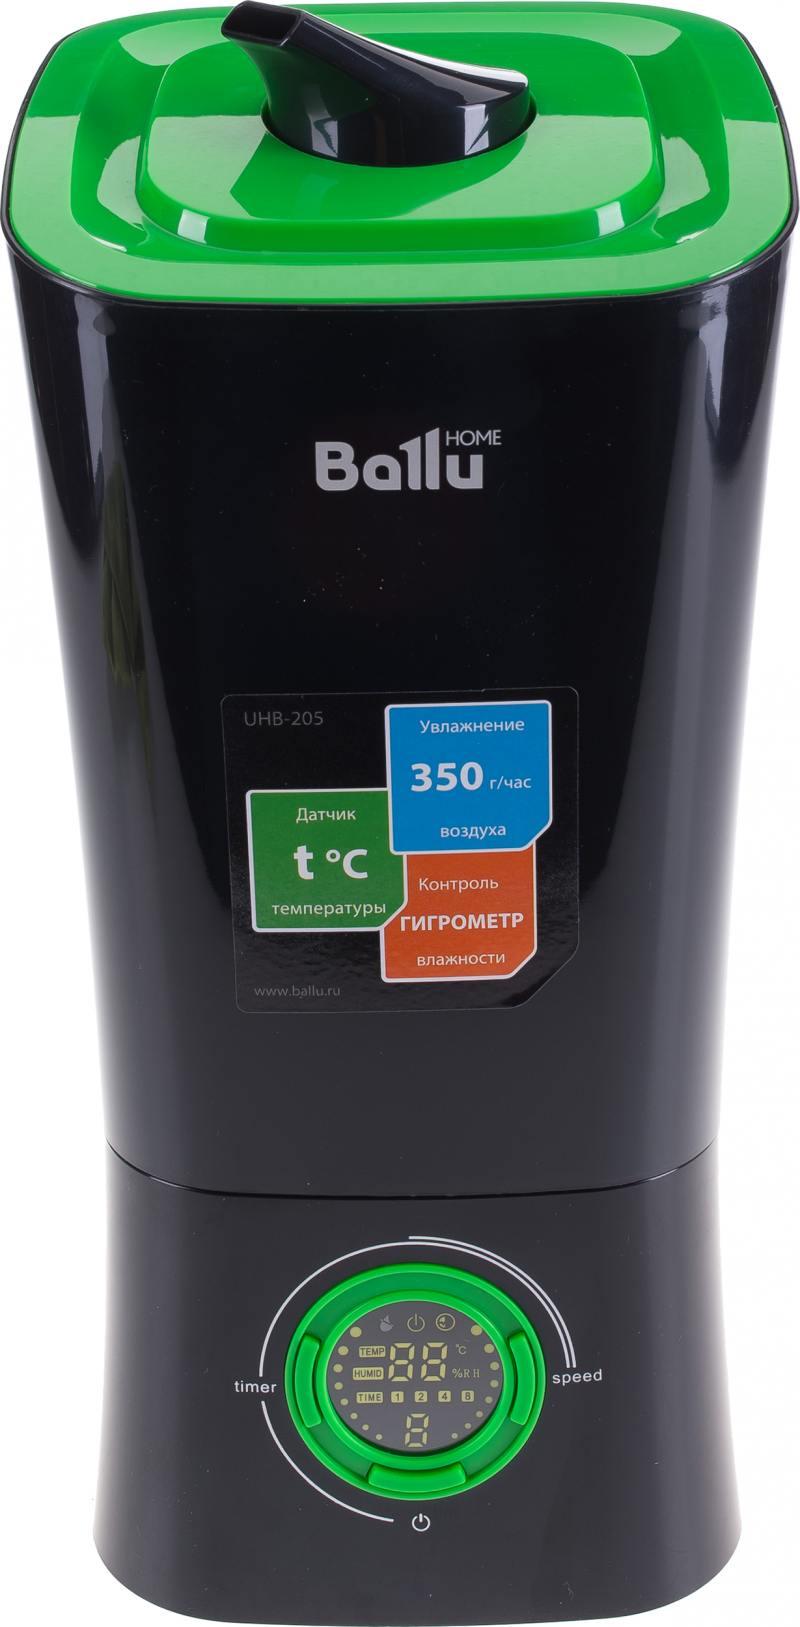 Увлажнитель воздуха BALLU UHB-205 зелёный чёрный